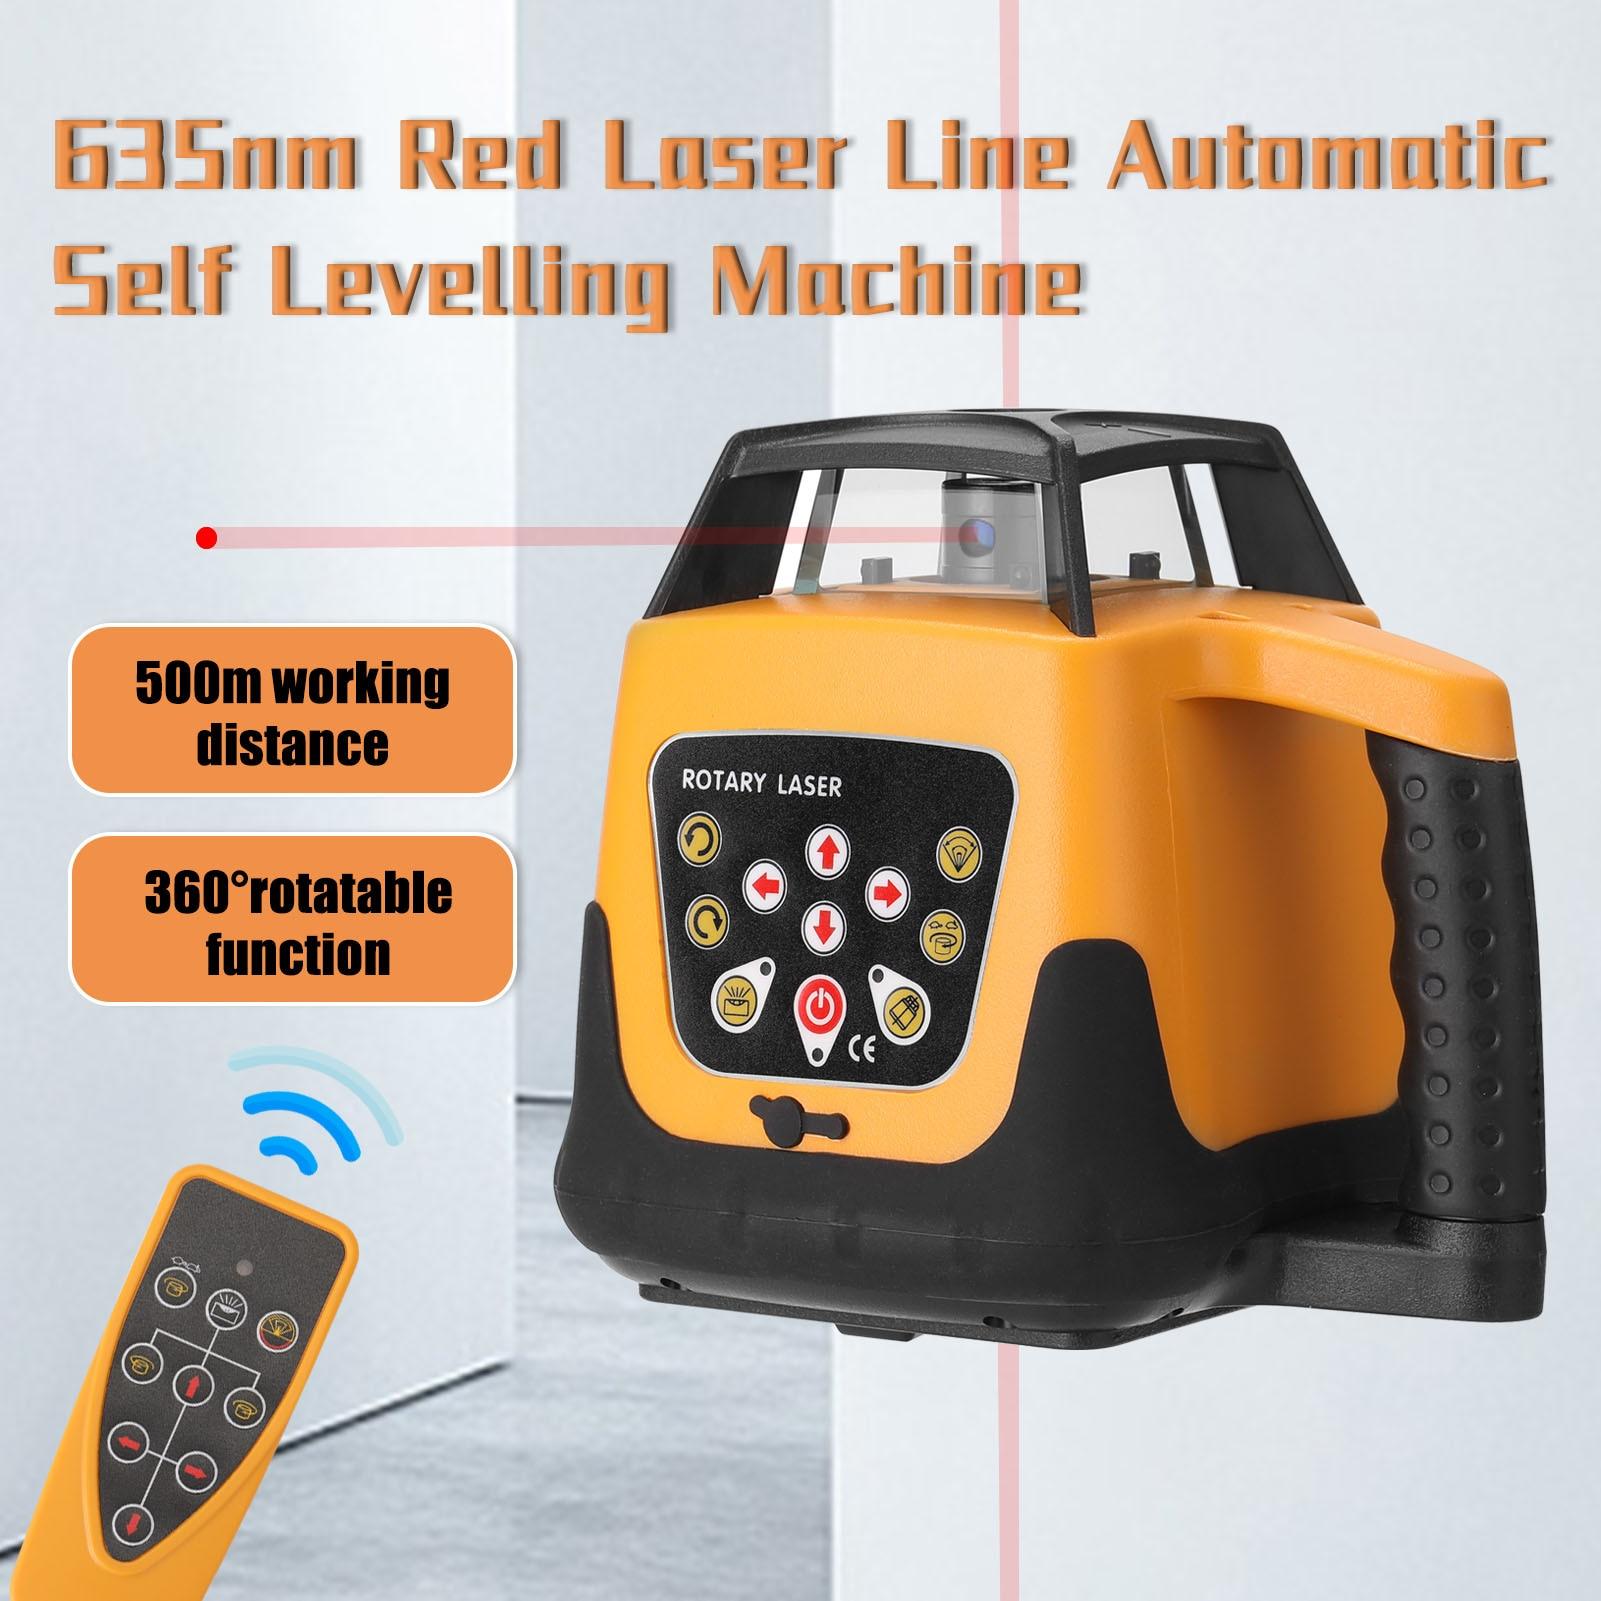 ماكينات تسوية ذاتية آلية للخطوط الحمراء 635nm أوضاع سرعة دوران الاتجاه وزاوية قابلة للضبط مستوى الليزر 500 متر